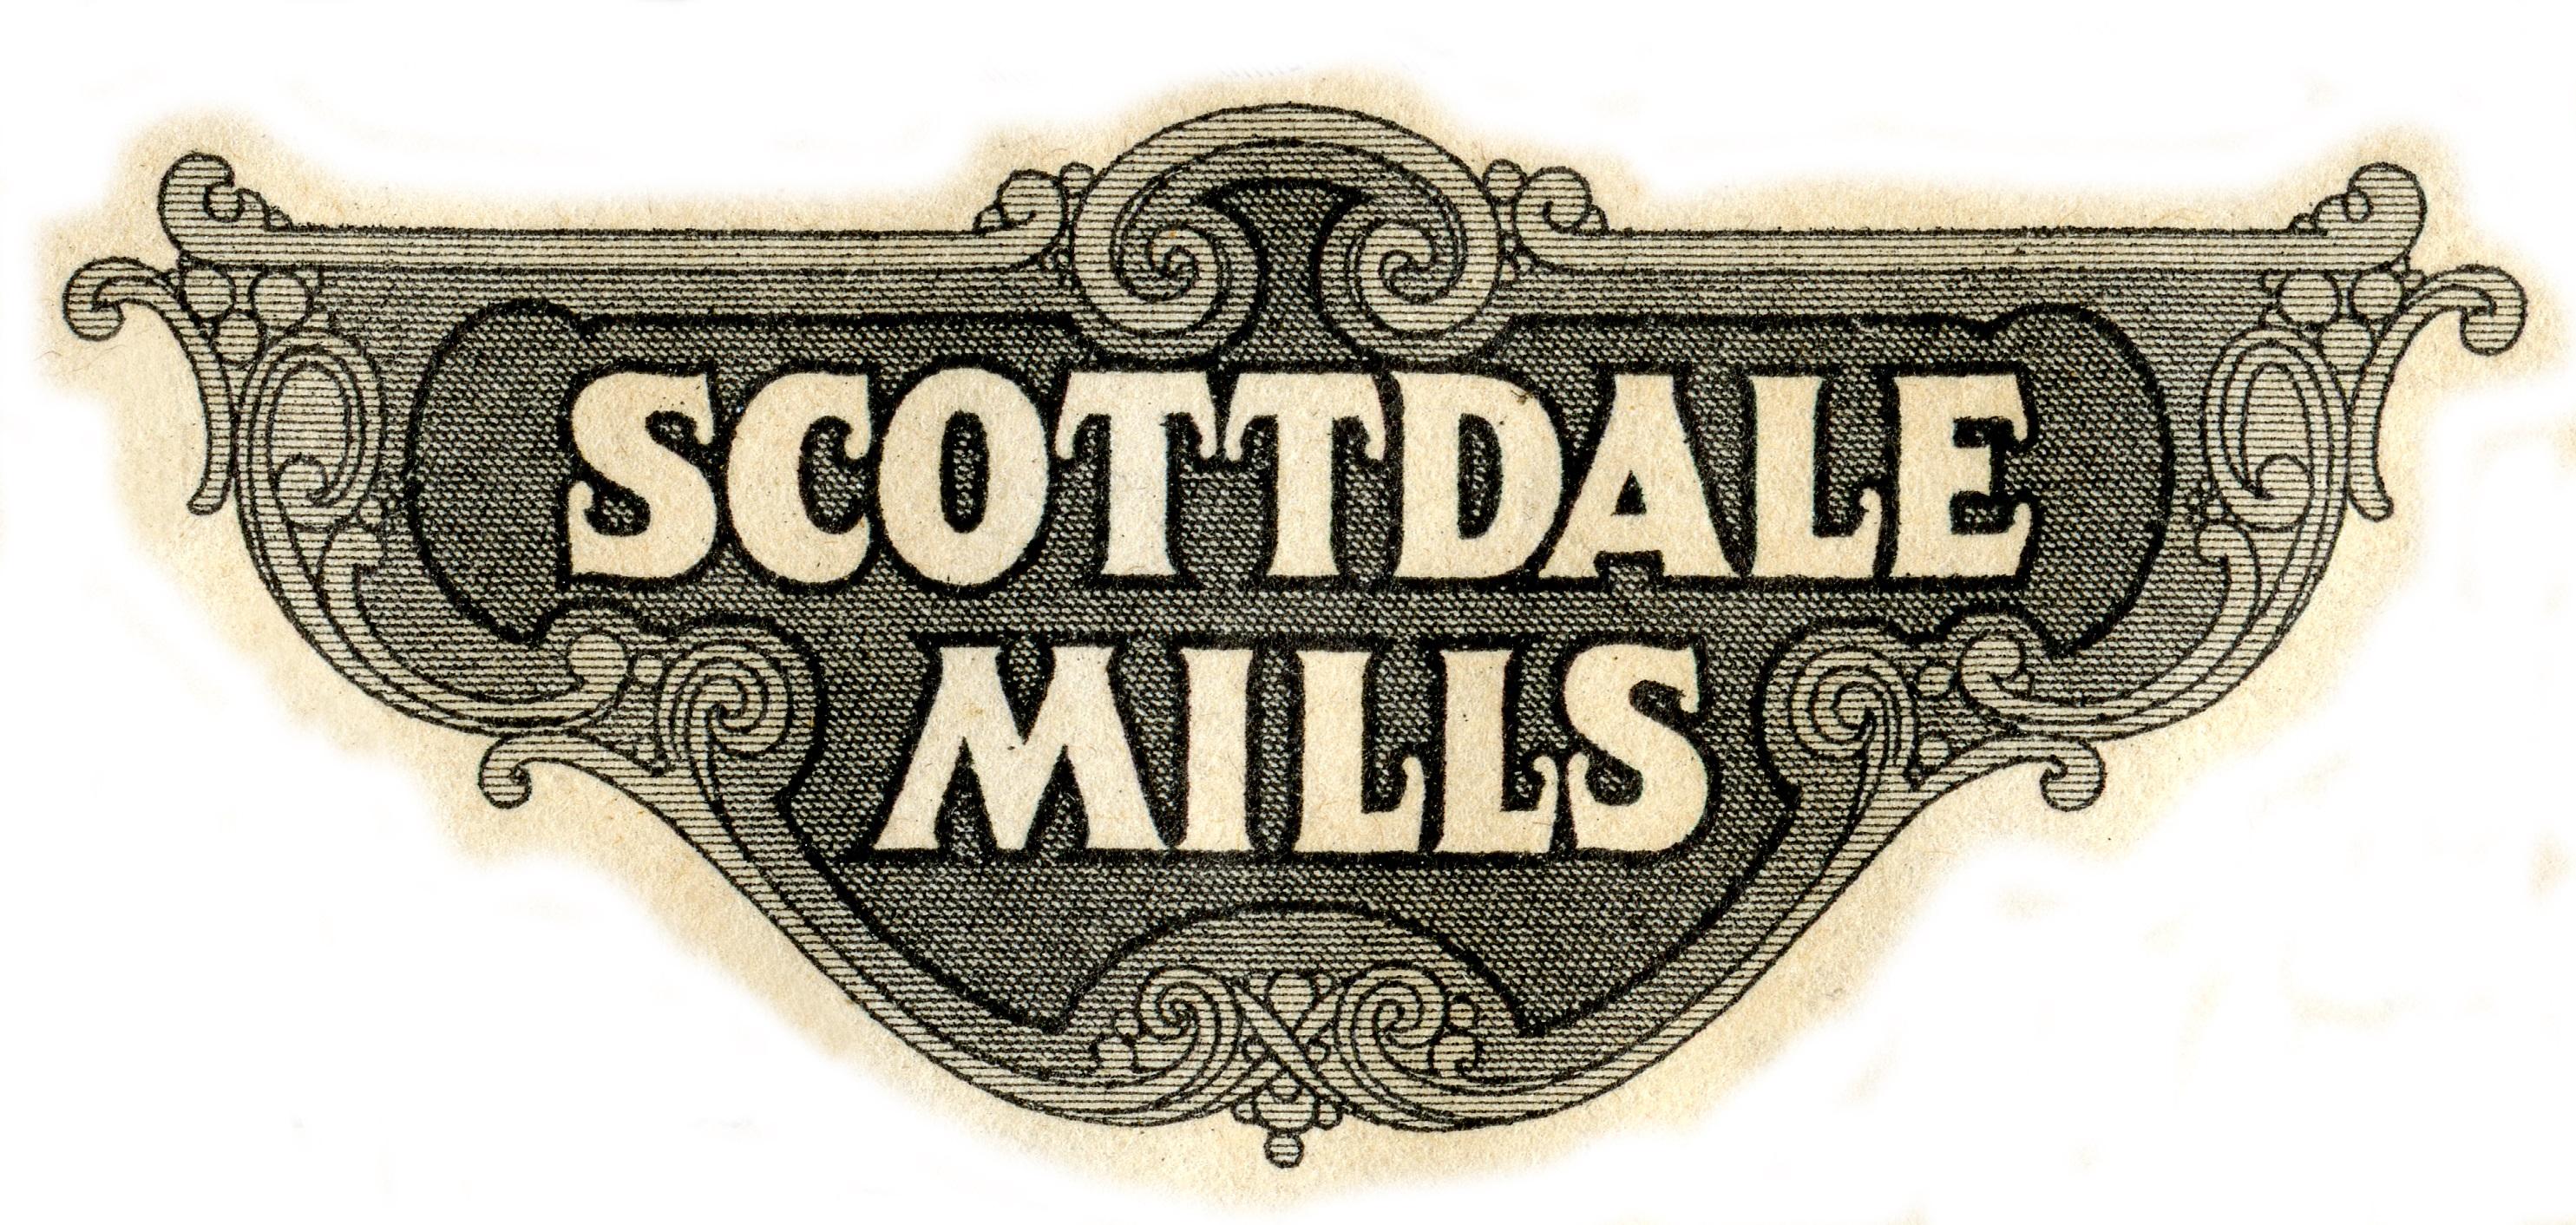 Scottdale Mills logo